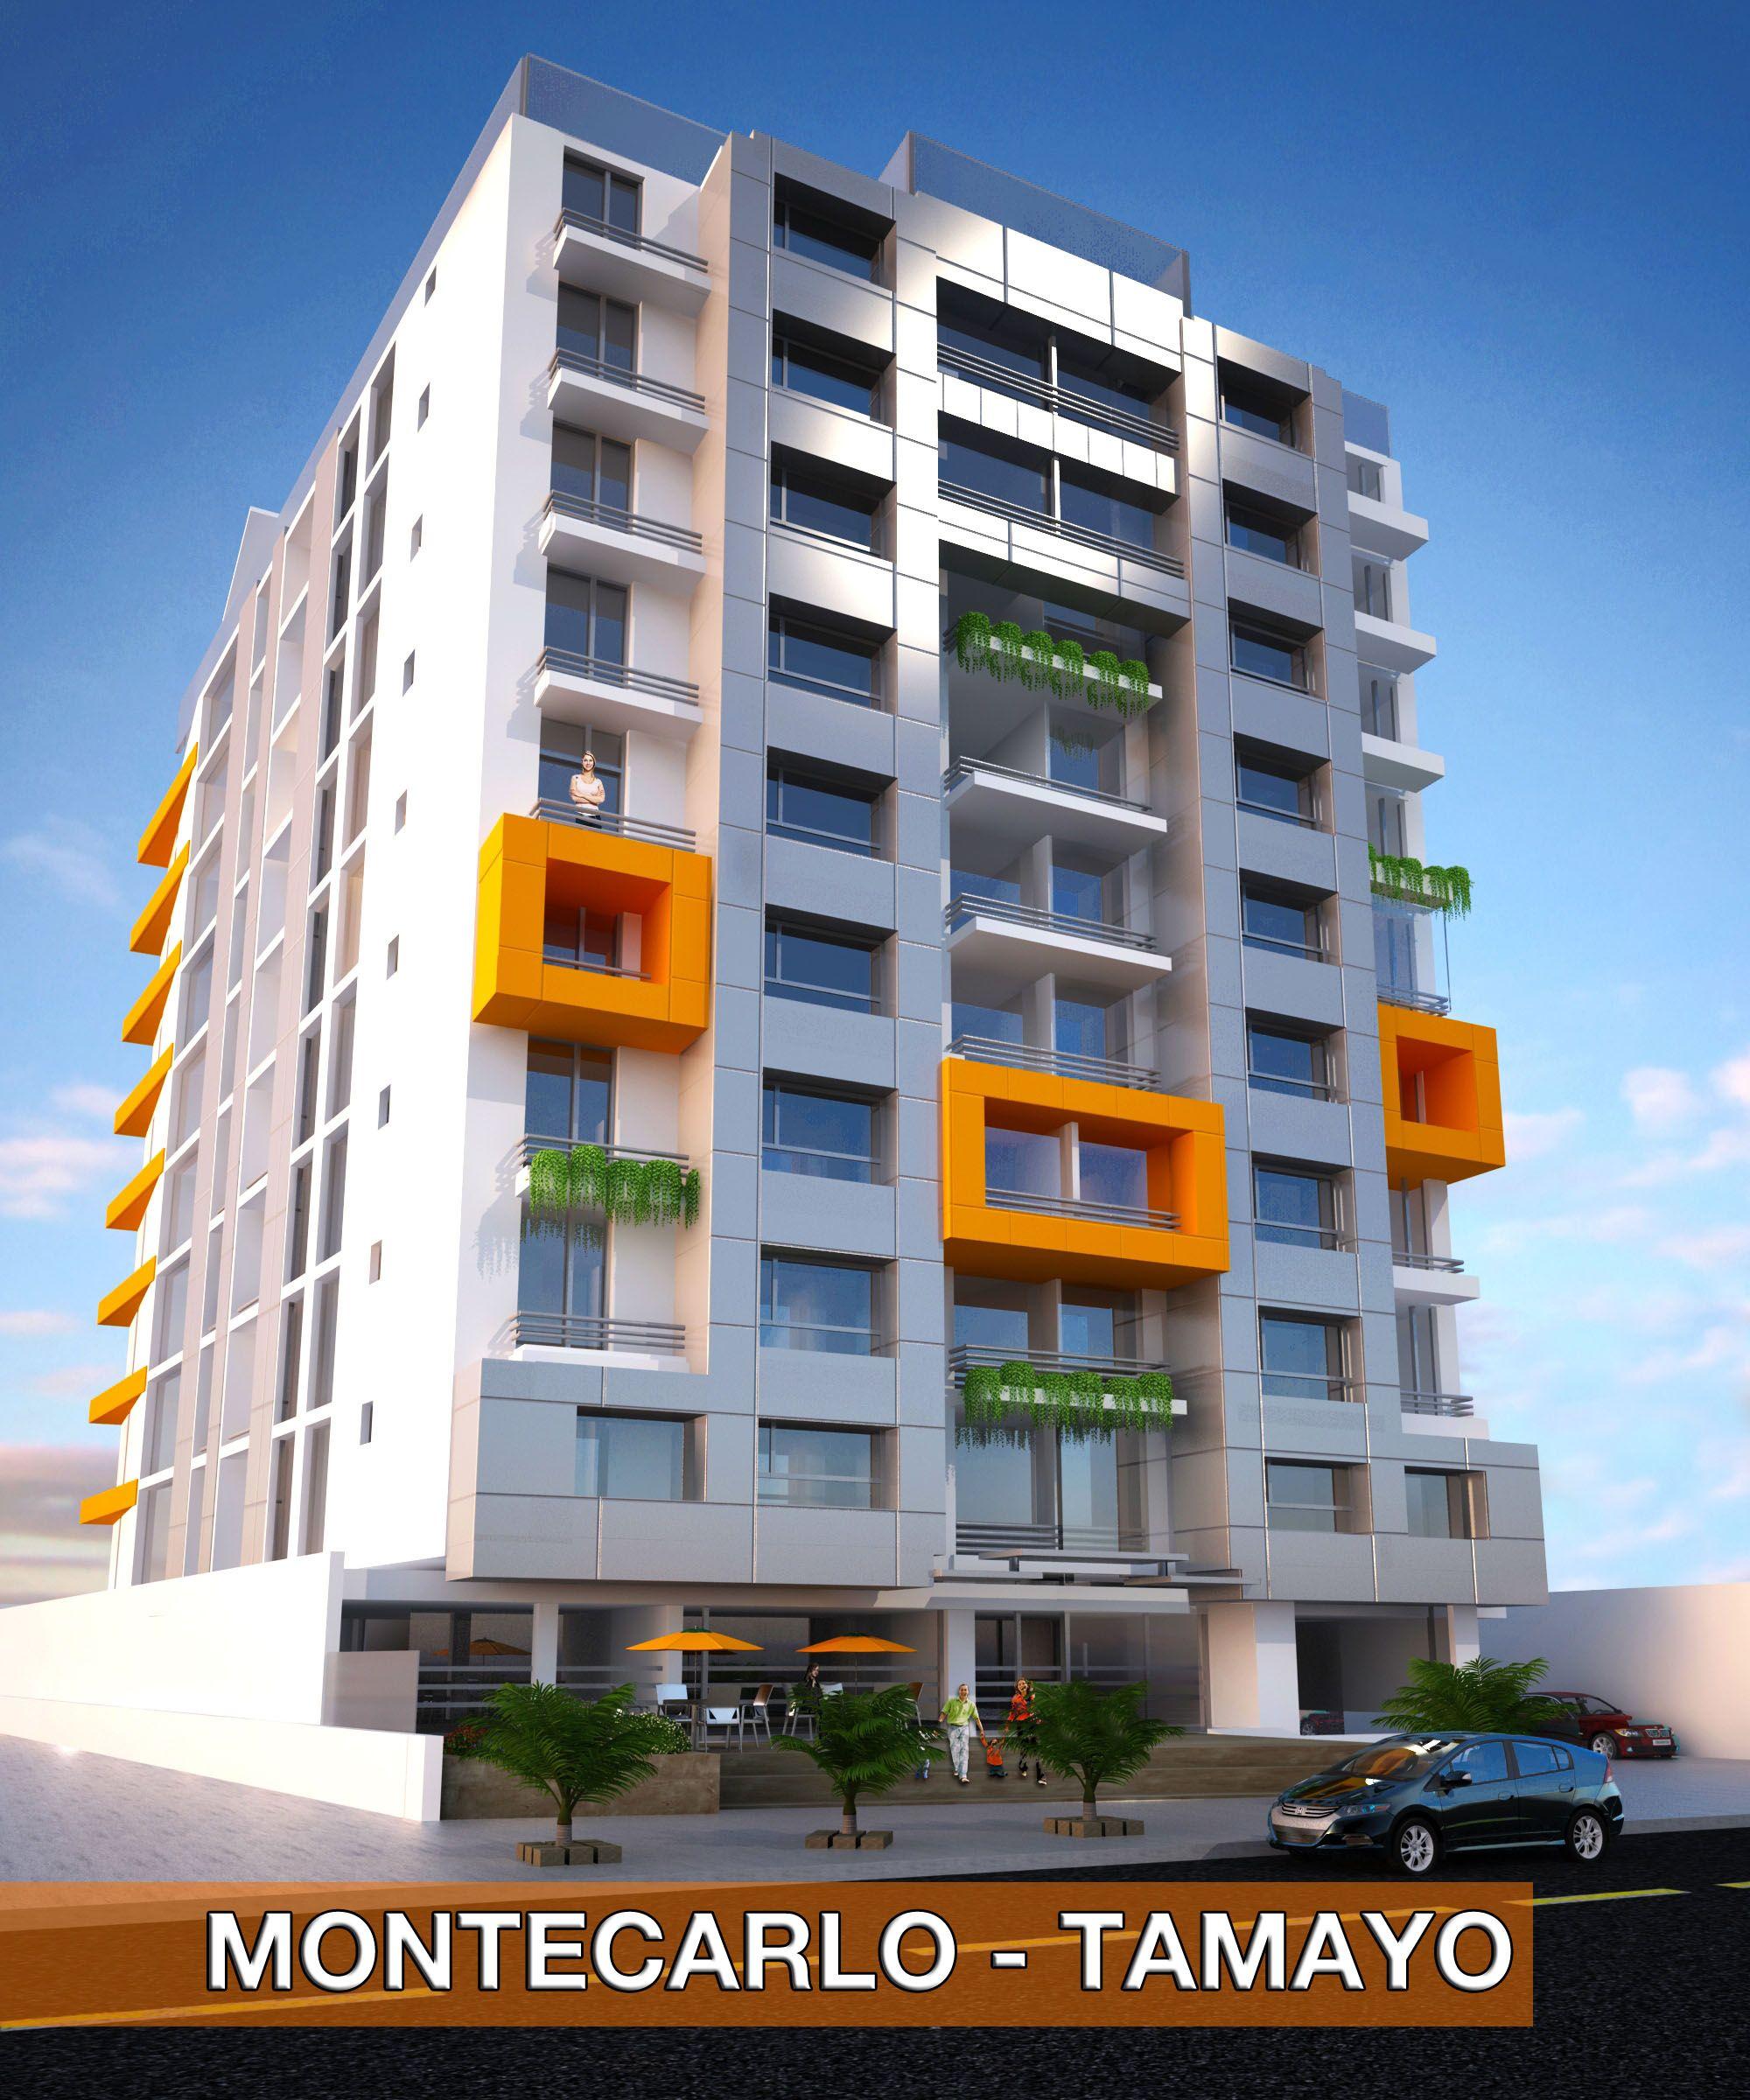 Un edificio innovador con tecnolog a de punta ubicado en for Fachadas modernas para departamentos